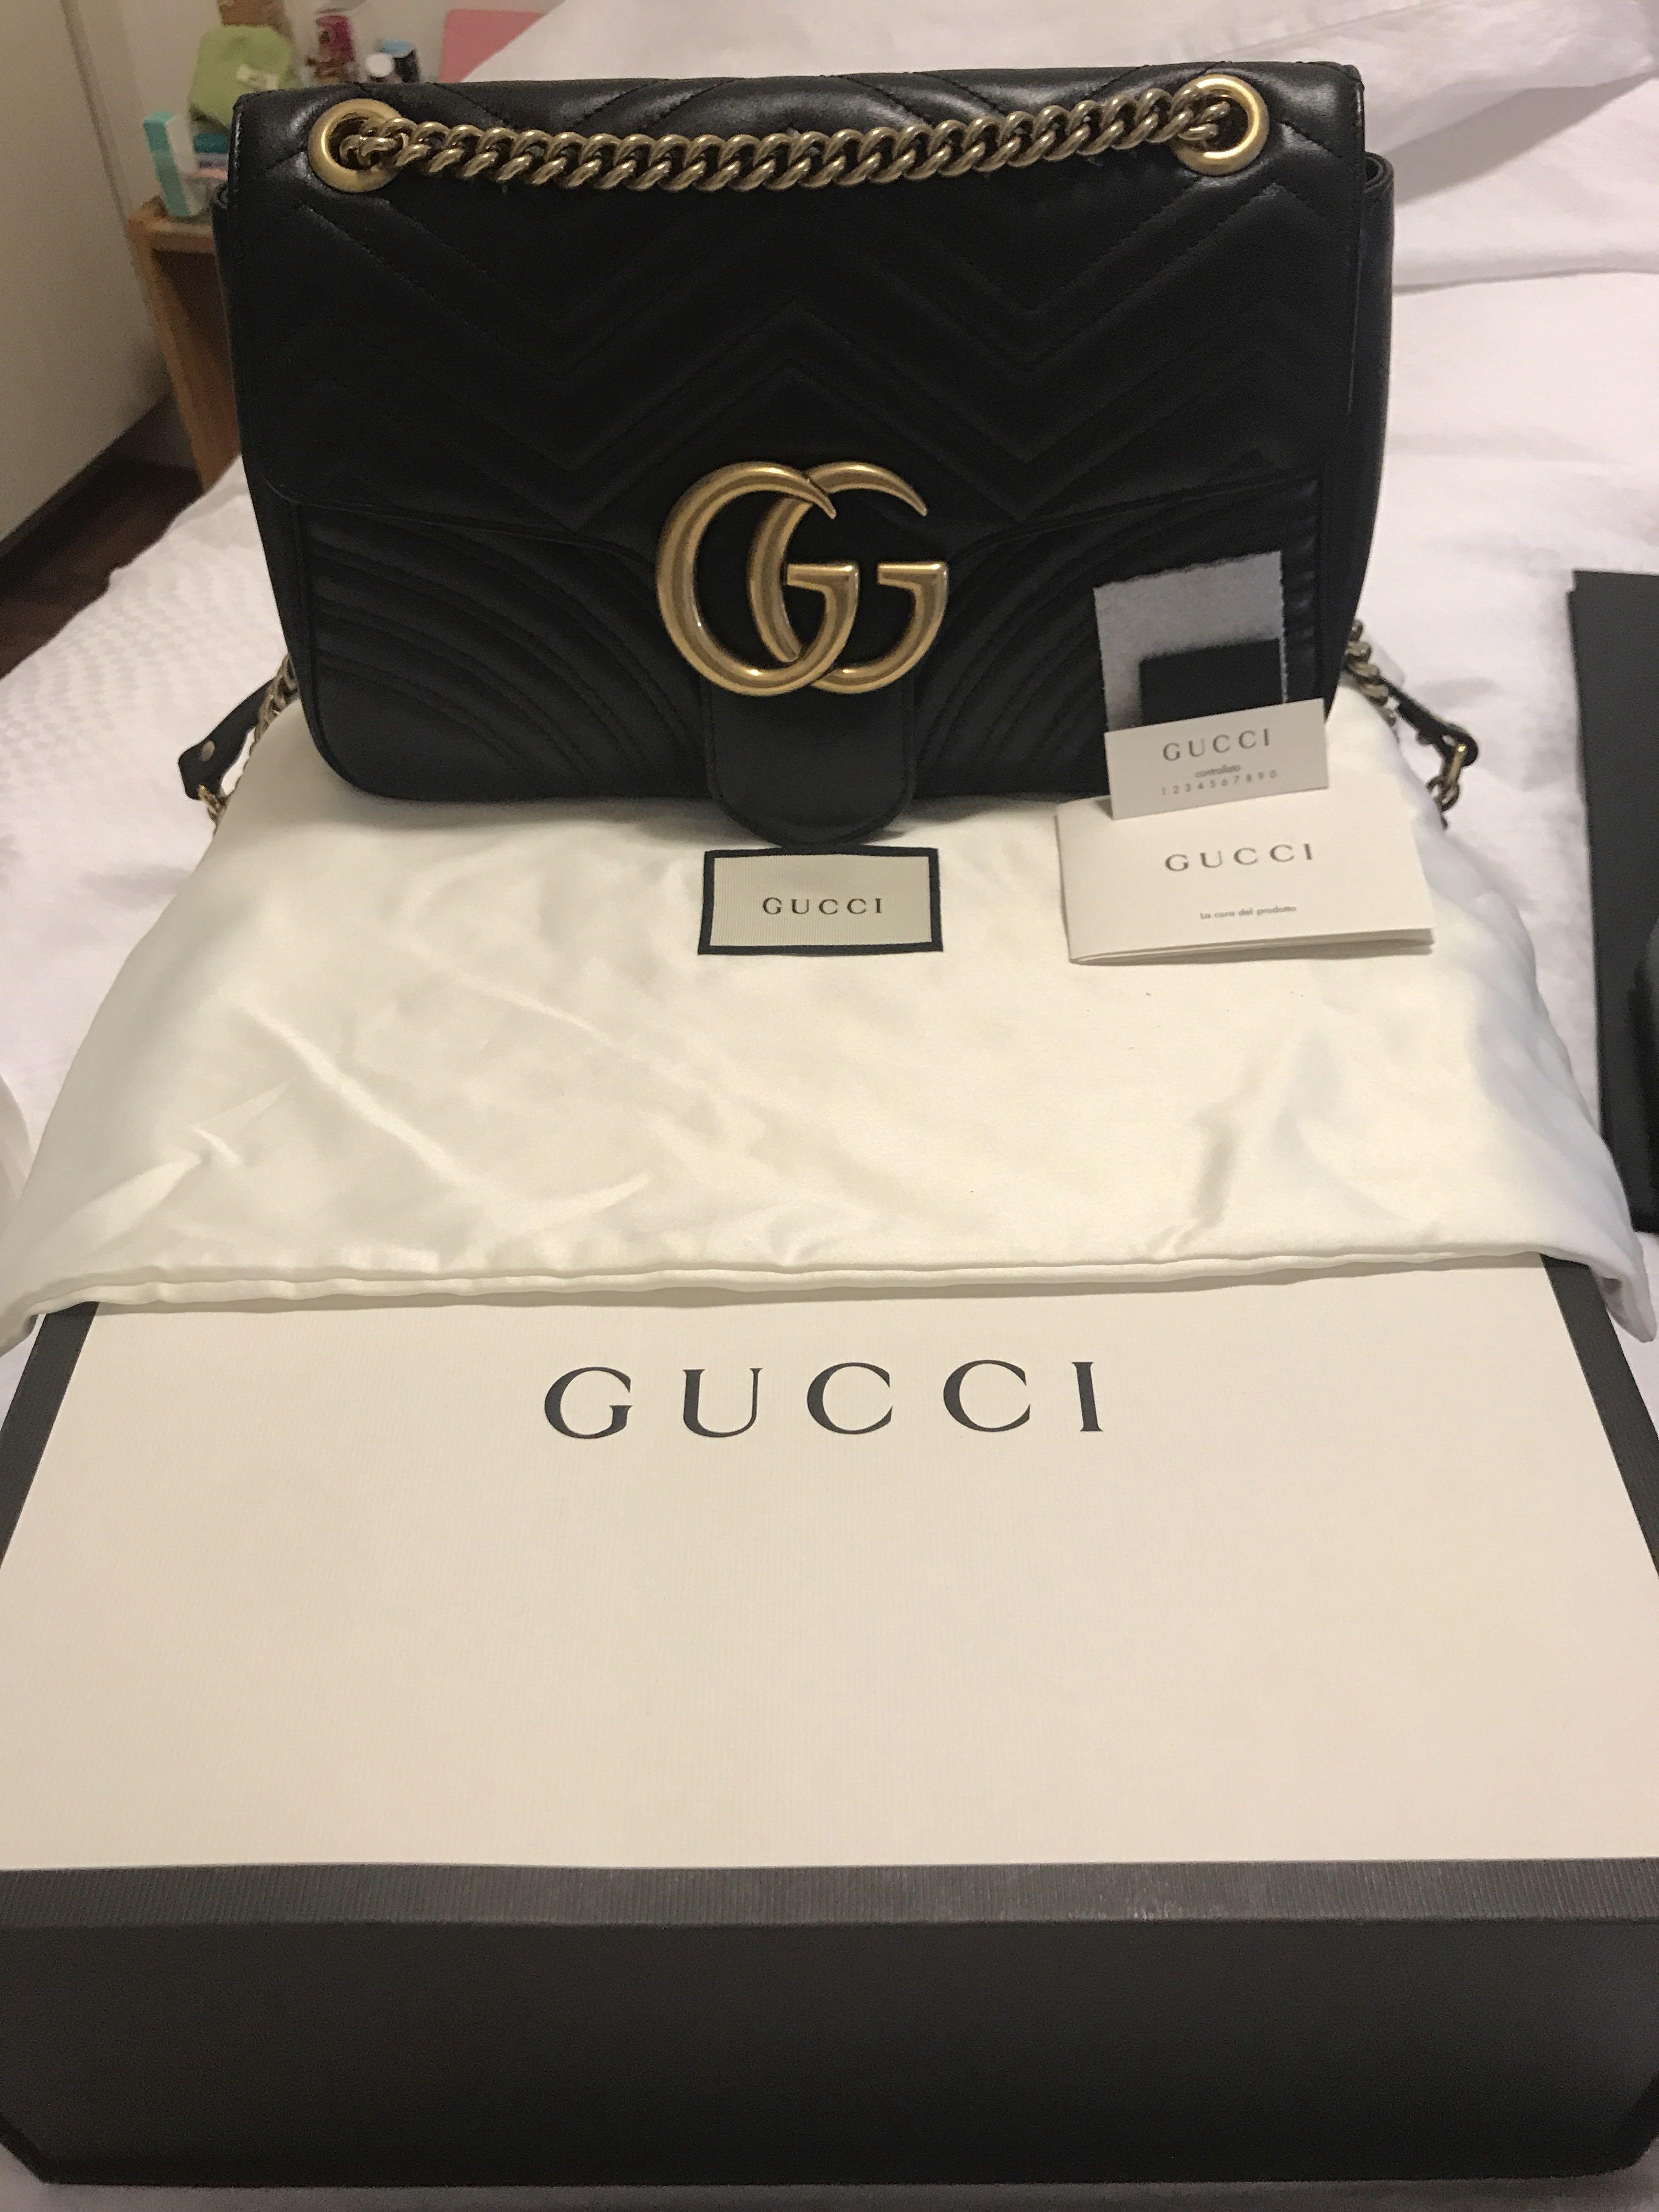 71033a9484c Authentic Gucci Marmont Medium Leather Shoulder Bag